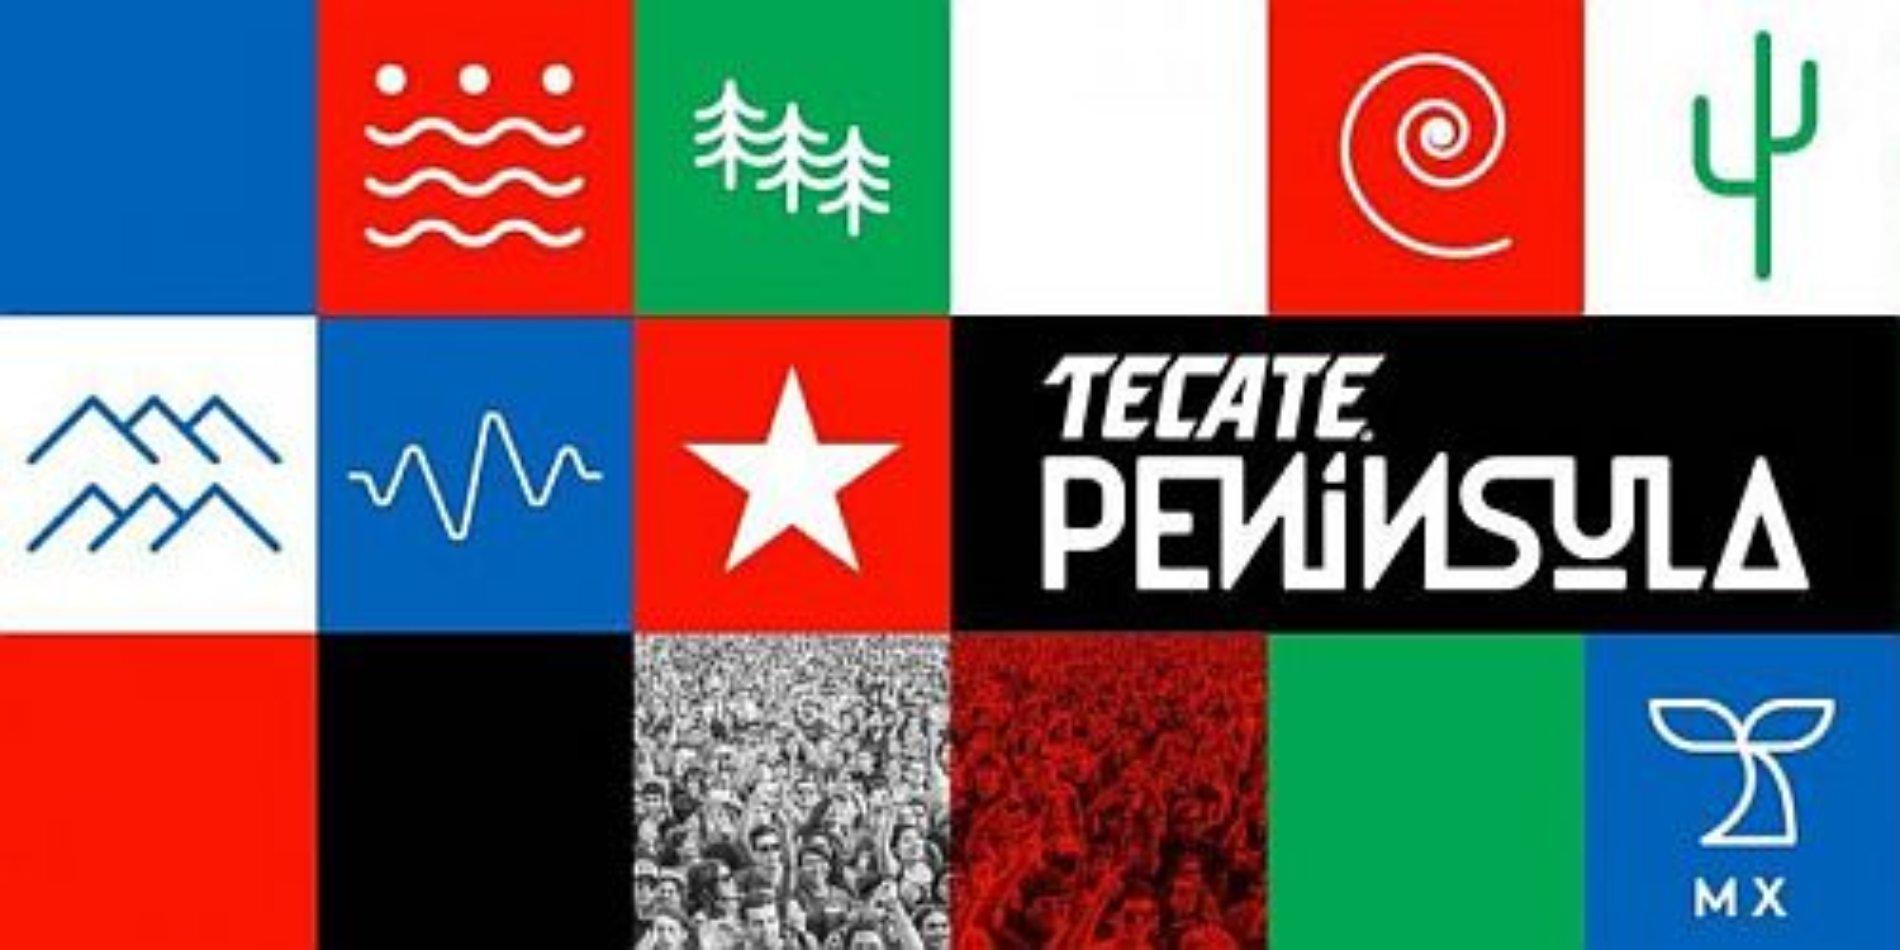 Lo que debes saber sobre el Festival Tecate Península en Tijuana